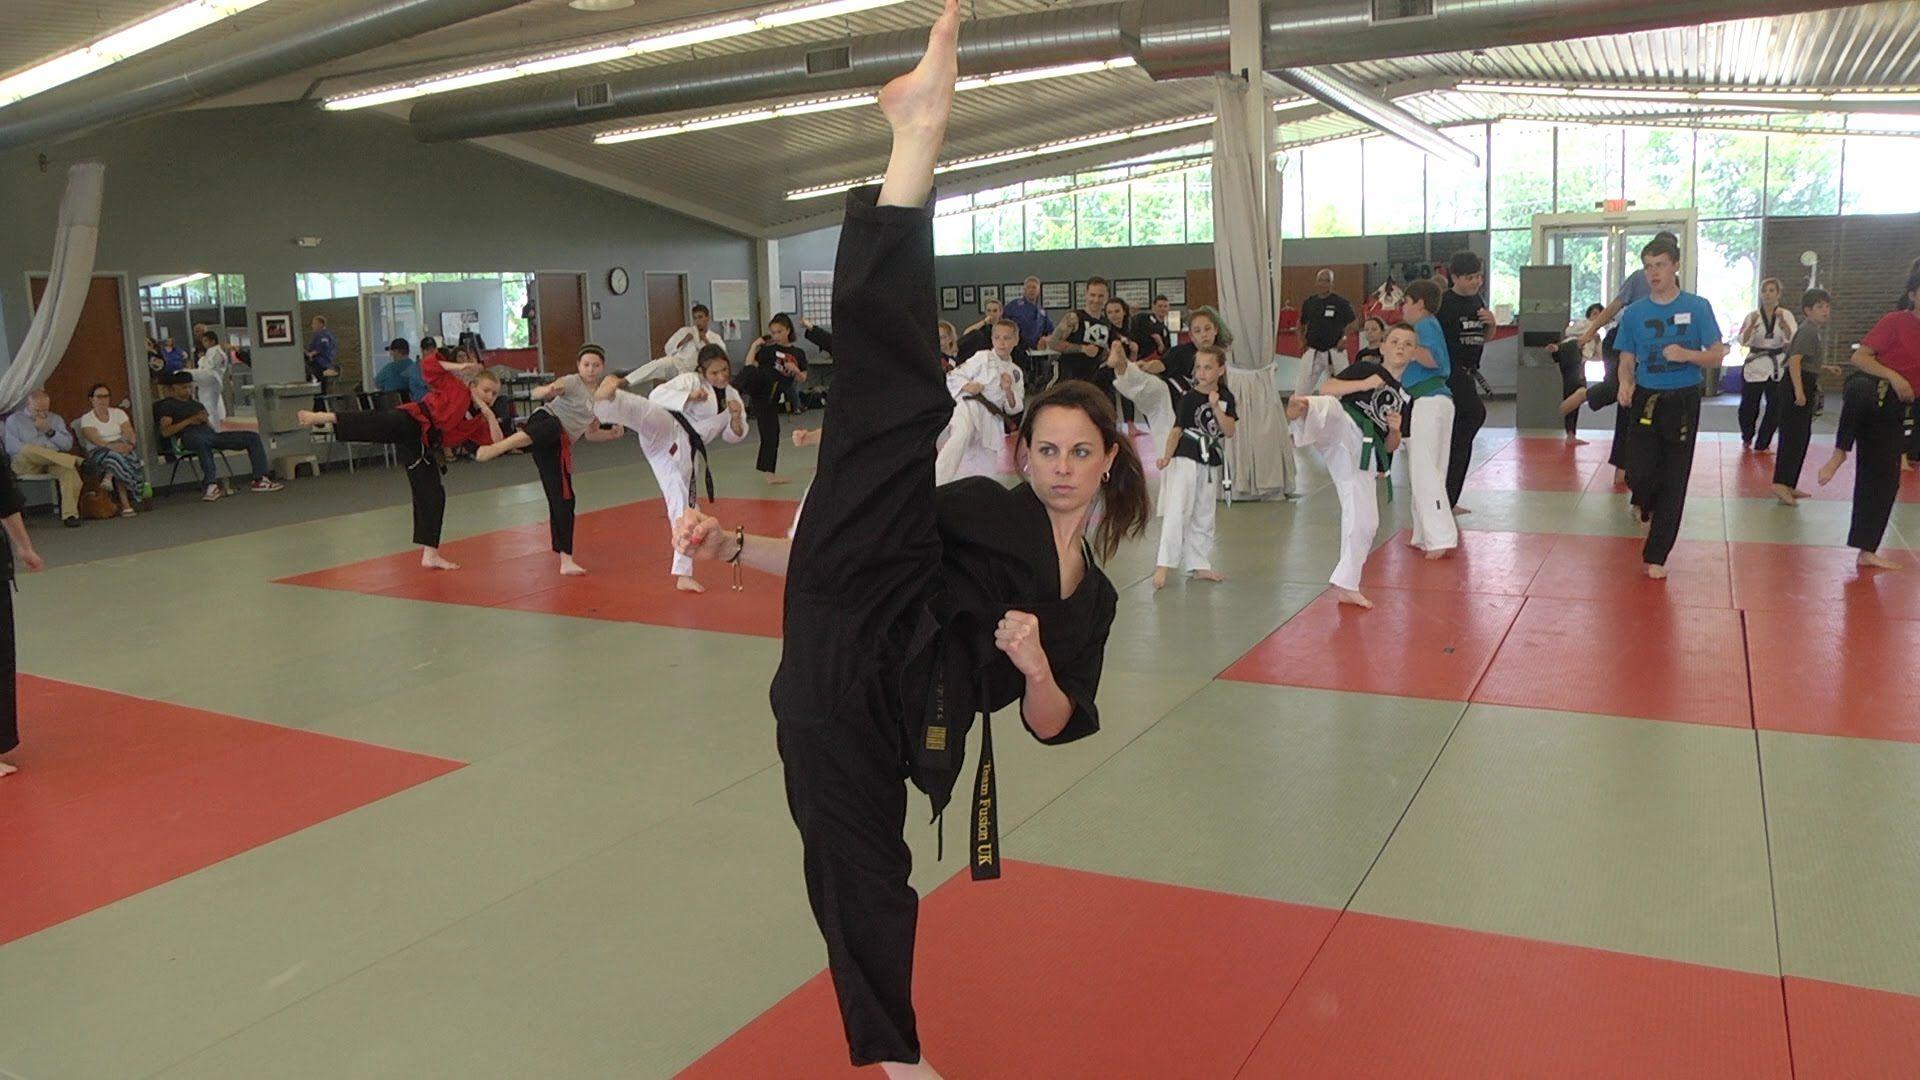 Chloe and grace bruce extream kicking seminar at